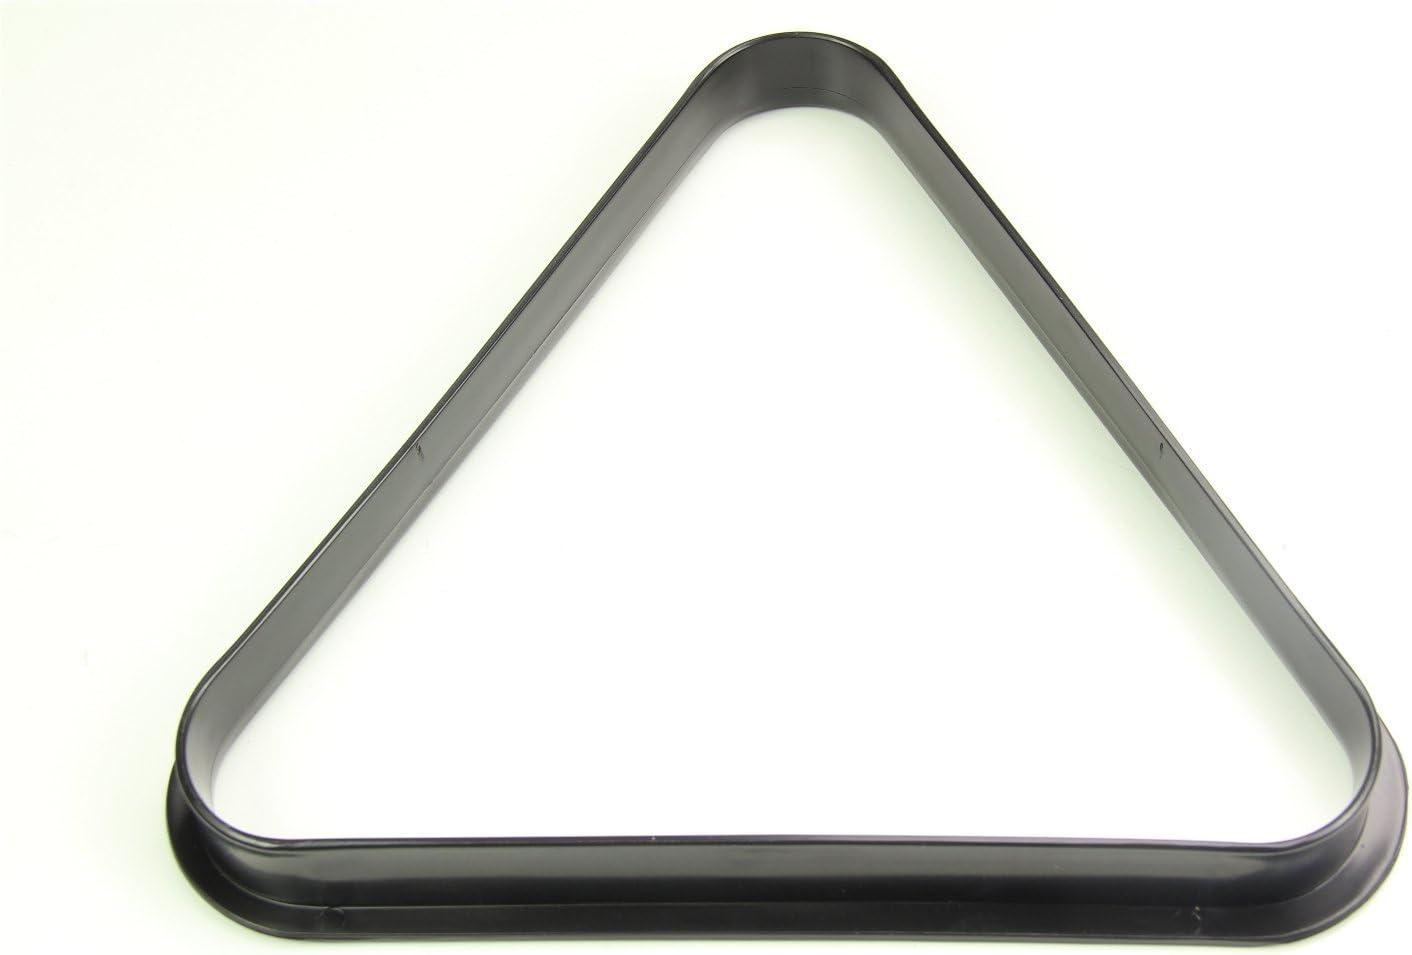 Triángulo para colocar las 15 bolas de billar o snooker de 38 mm ...